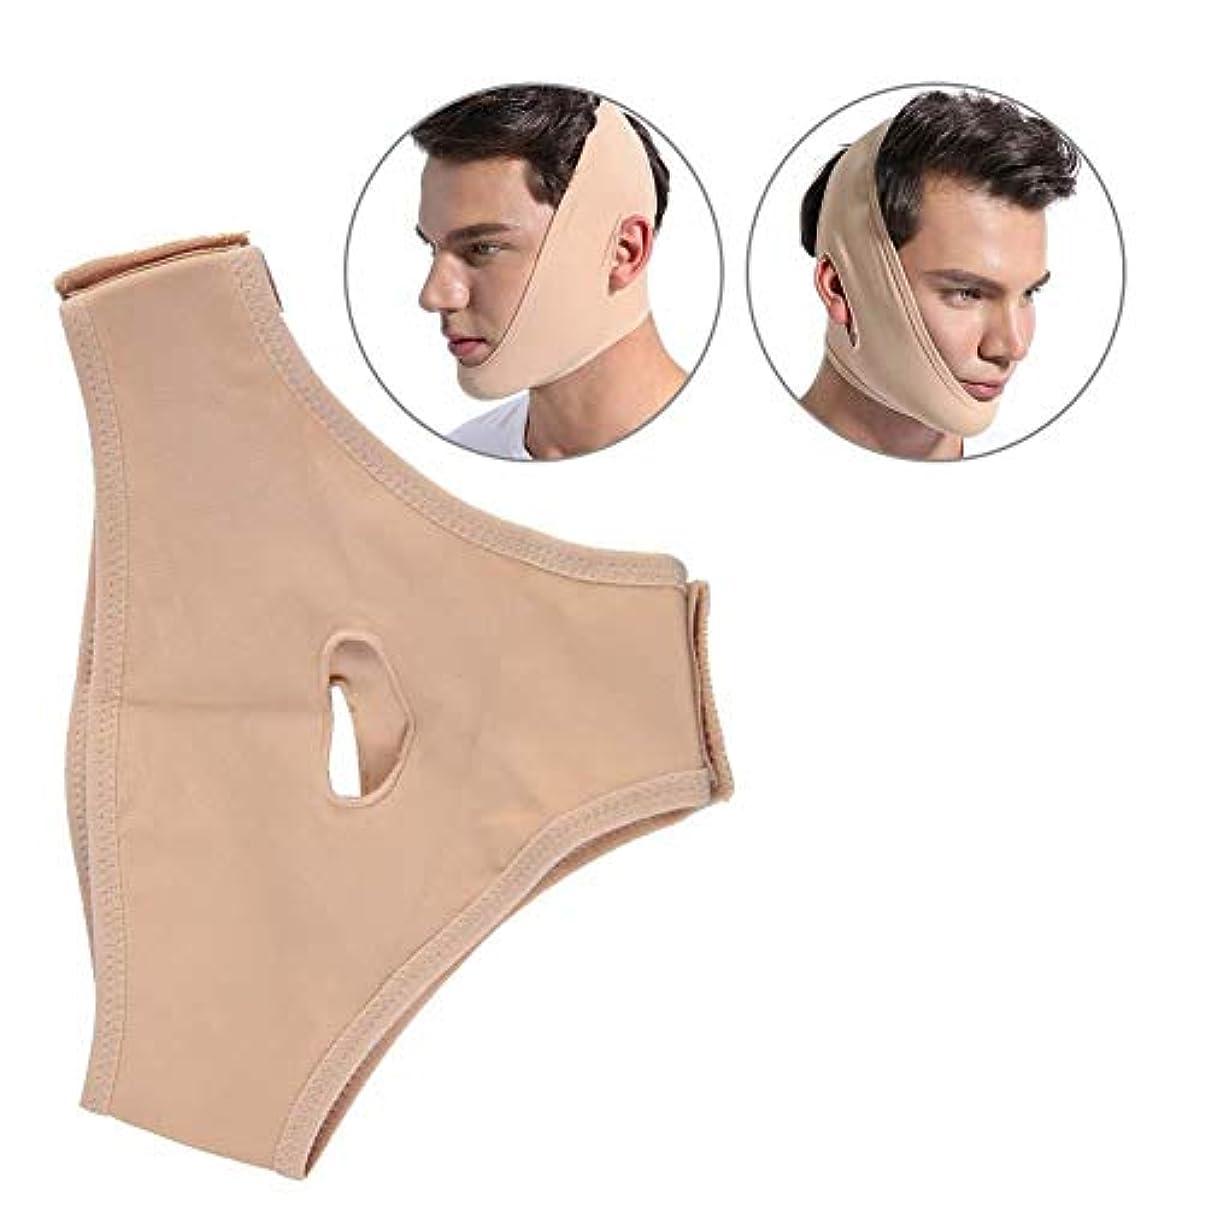 キャップ叱るバッグ顔の輪郭を改善するVフェイス美容包帯、フェイスリフト用フェイスマスク、輪郭の改善、二重あごおよび脂肪蓄積(L)